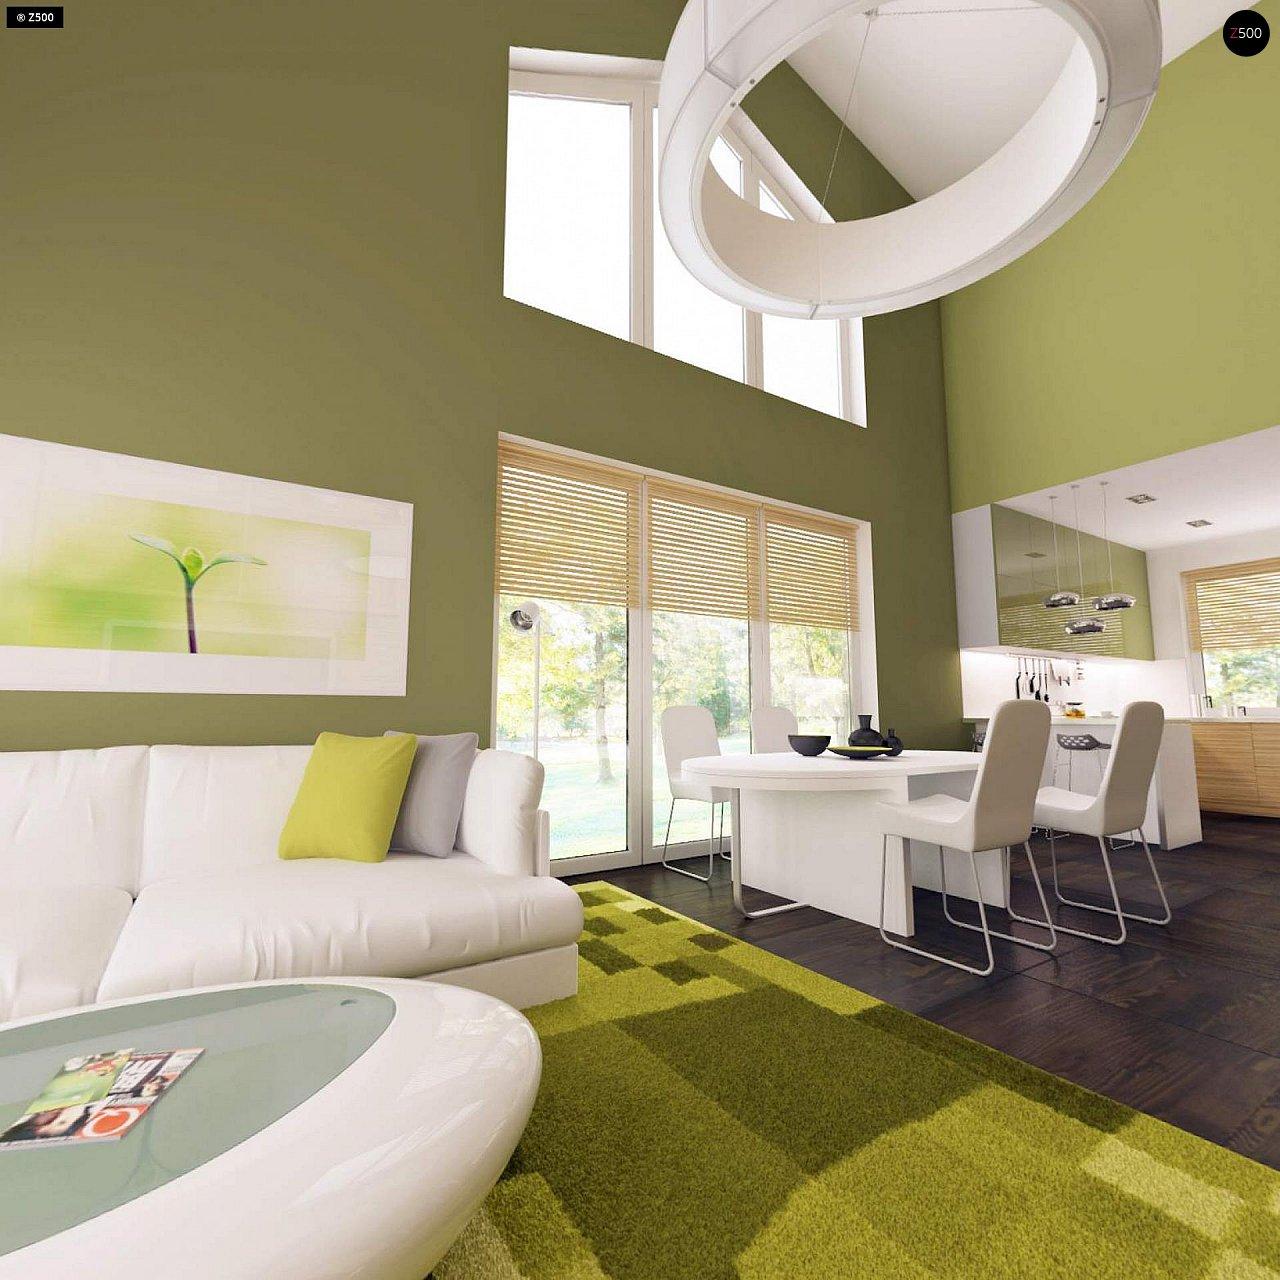 Дом традиционной формы с современными архитектурными дополнениями. Свободная планировка мансарды и антресоль над гостиной. 5